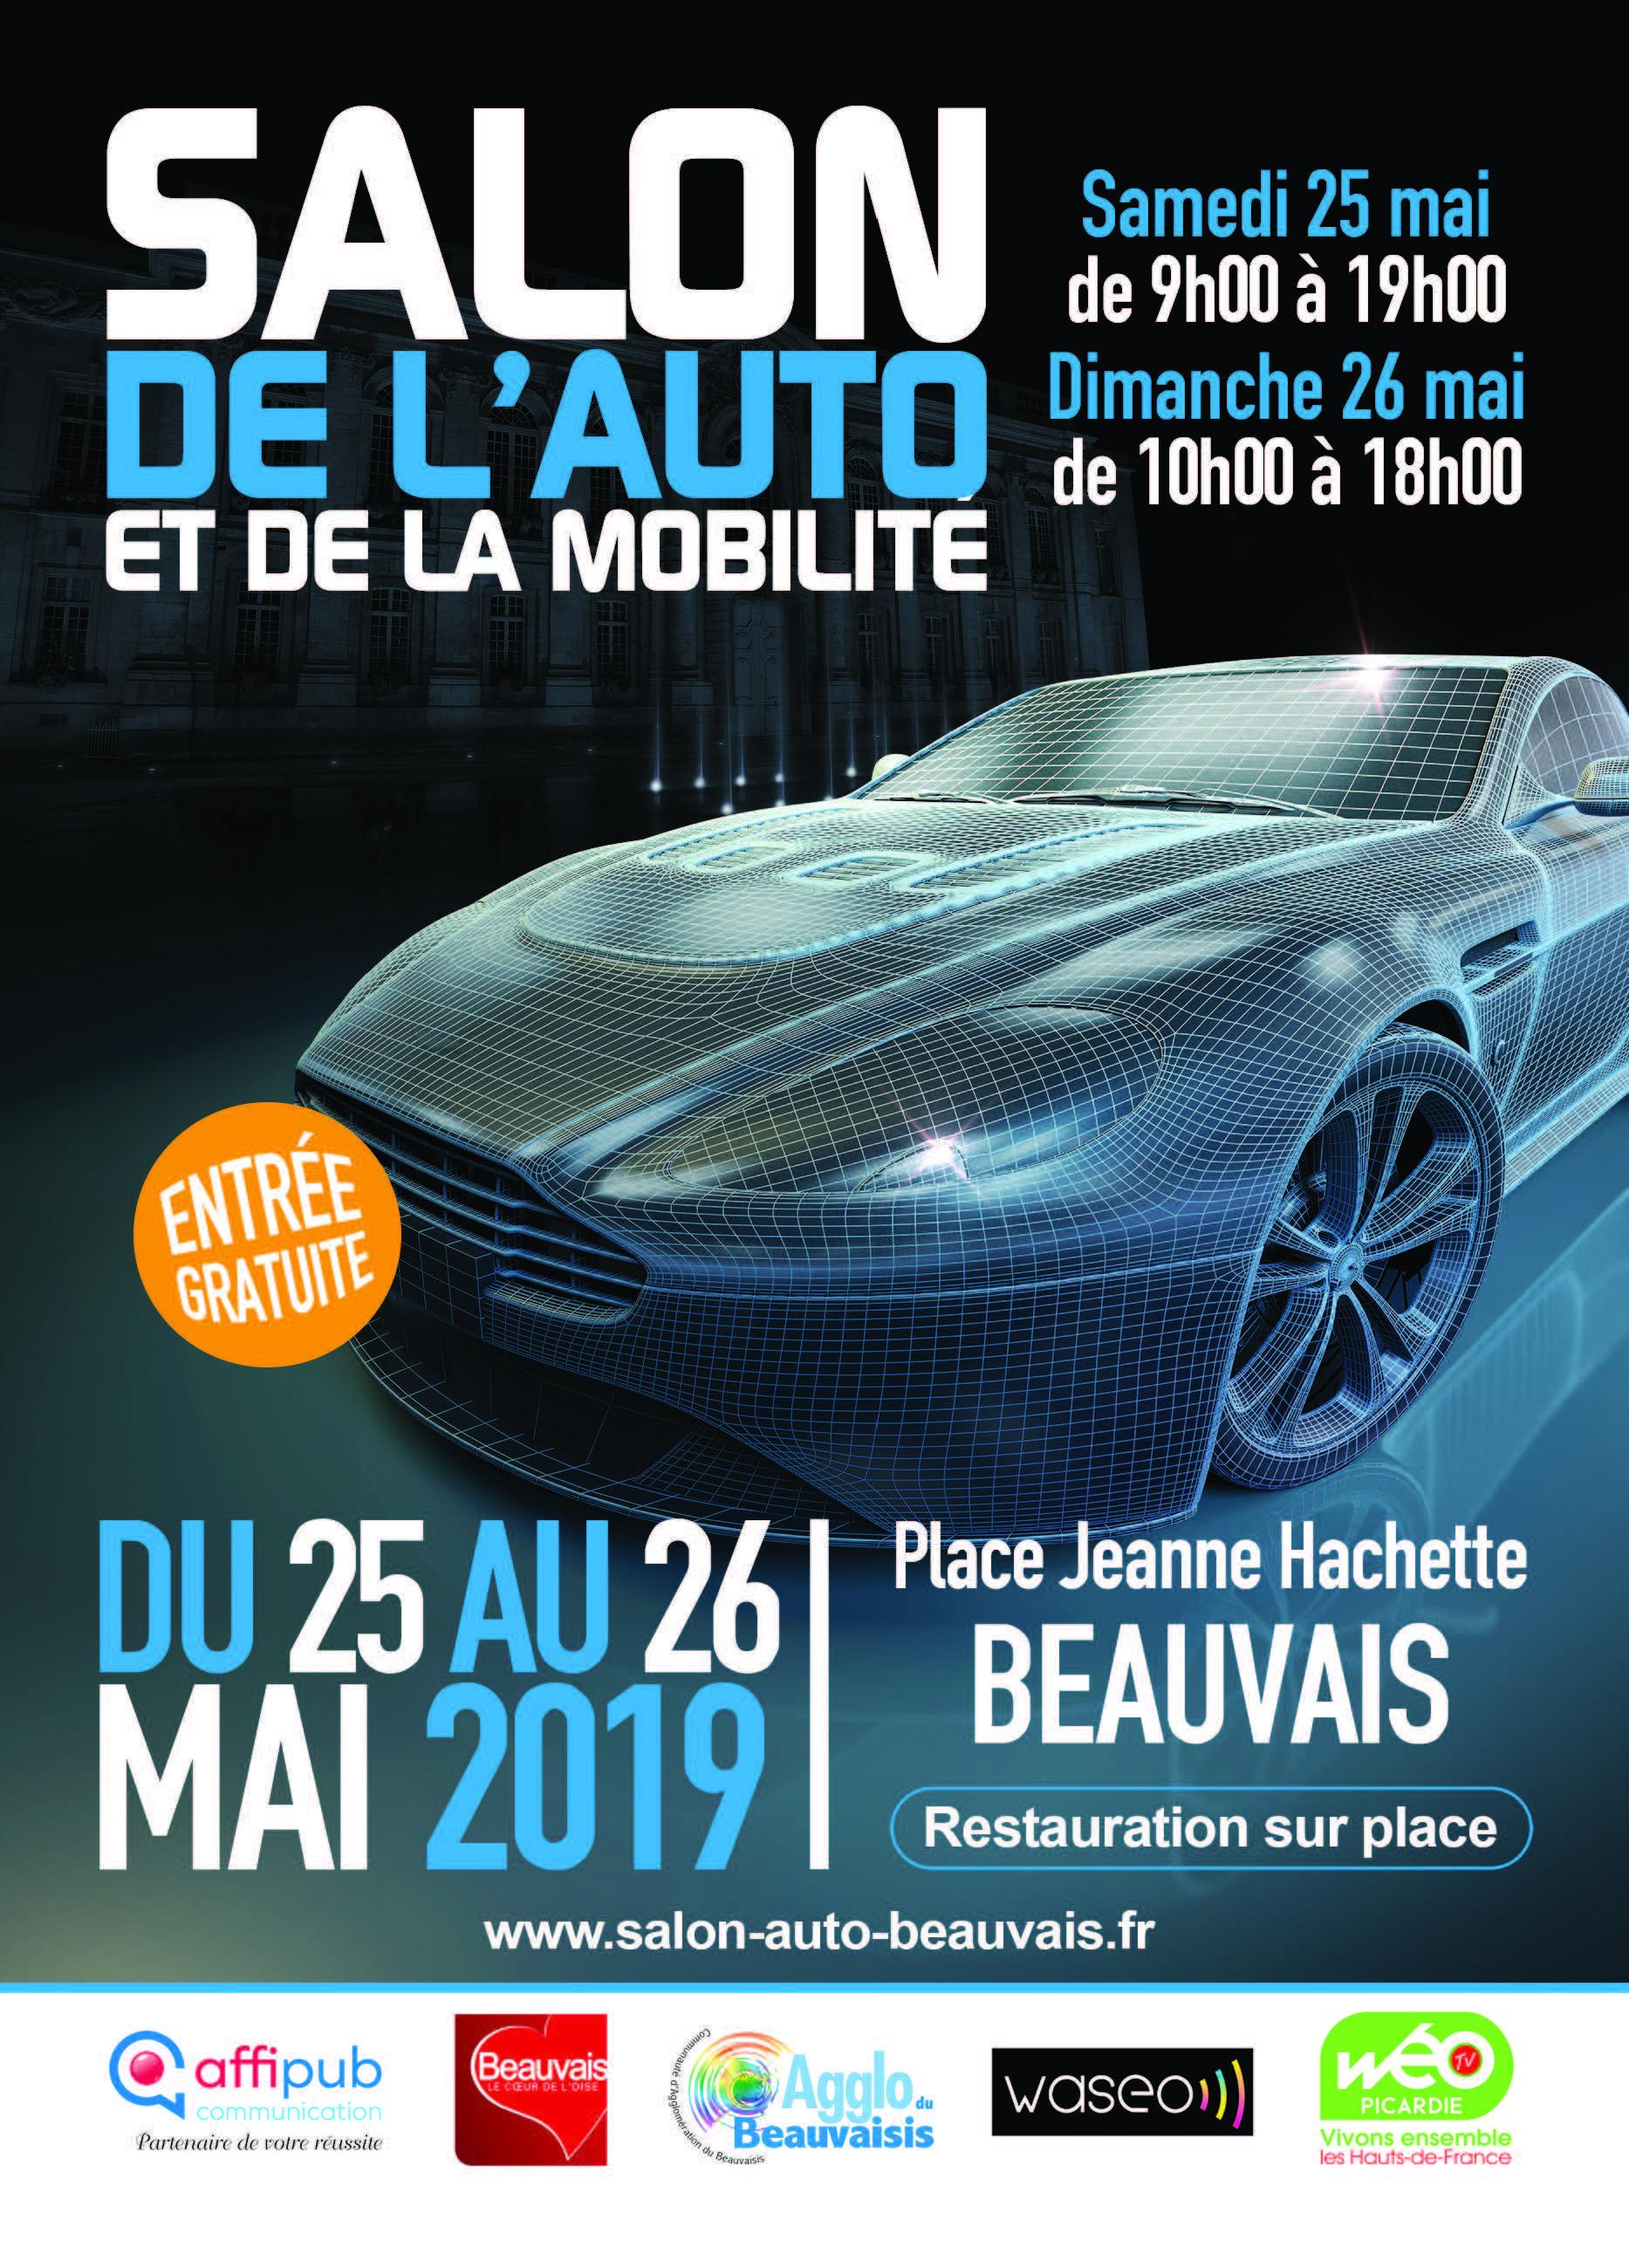 Salon de l'Auto de Beauvais les 25 et 26 Mai 2019